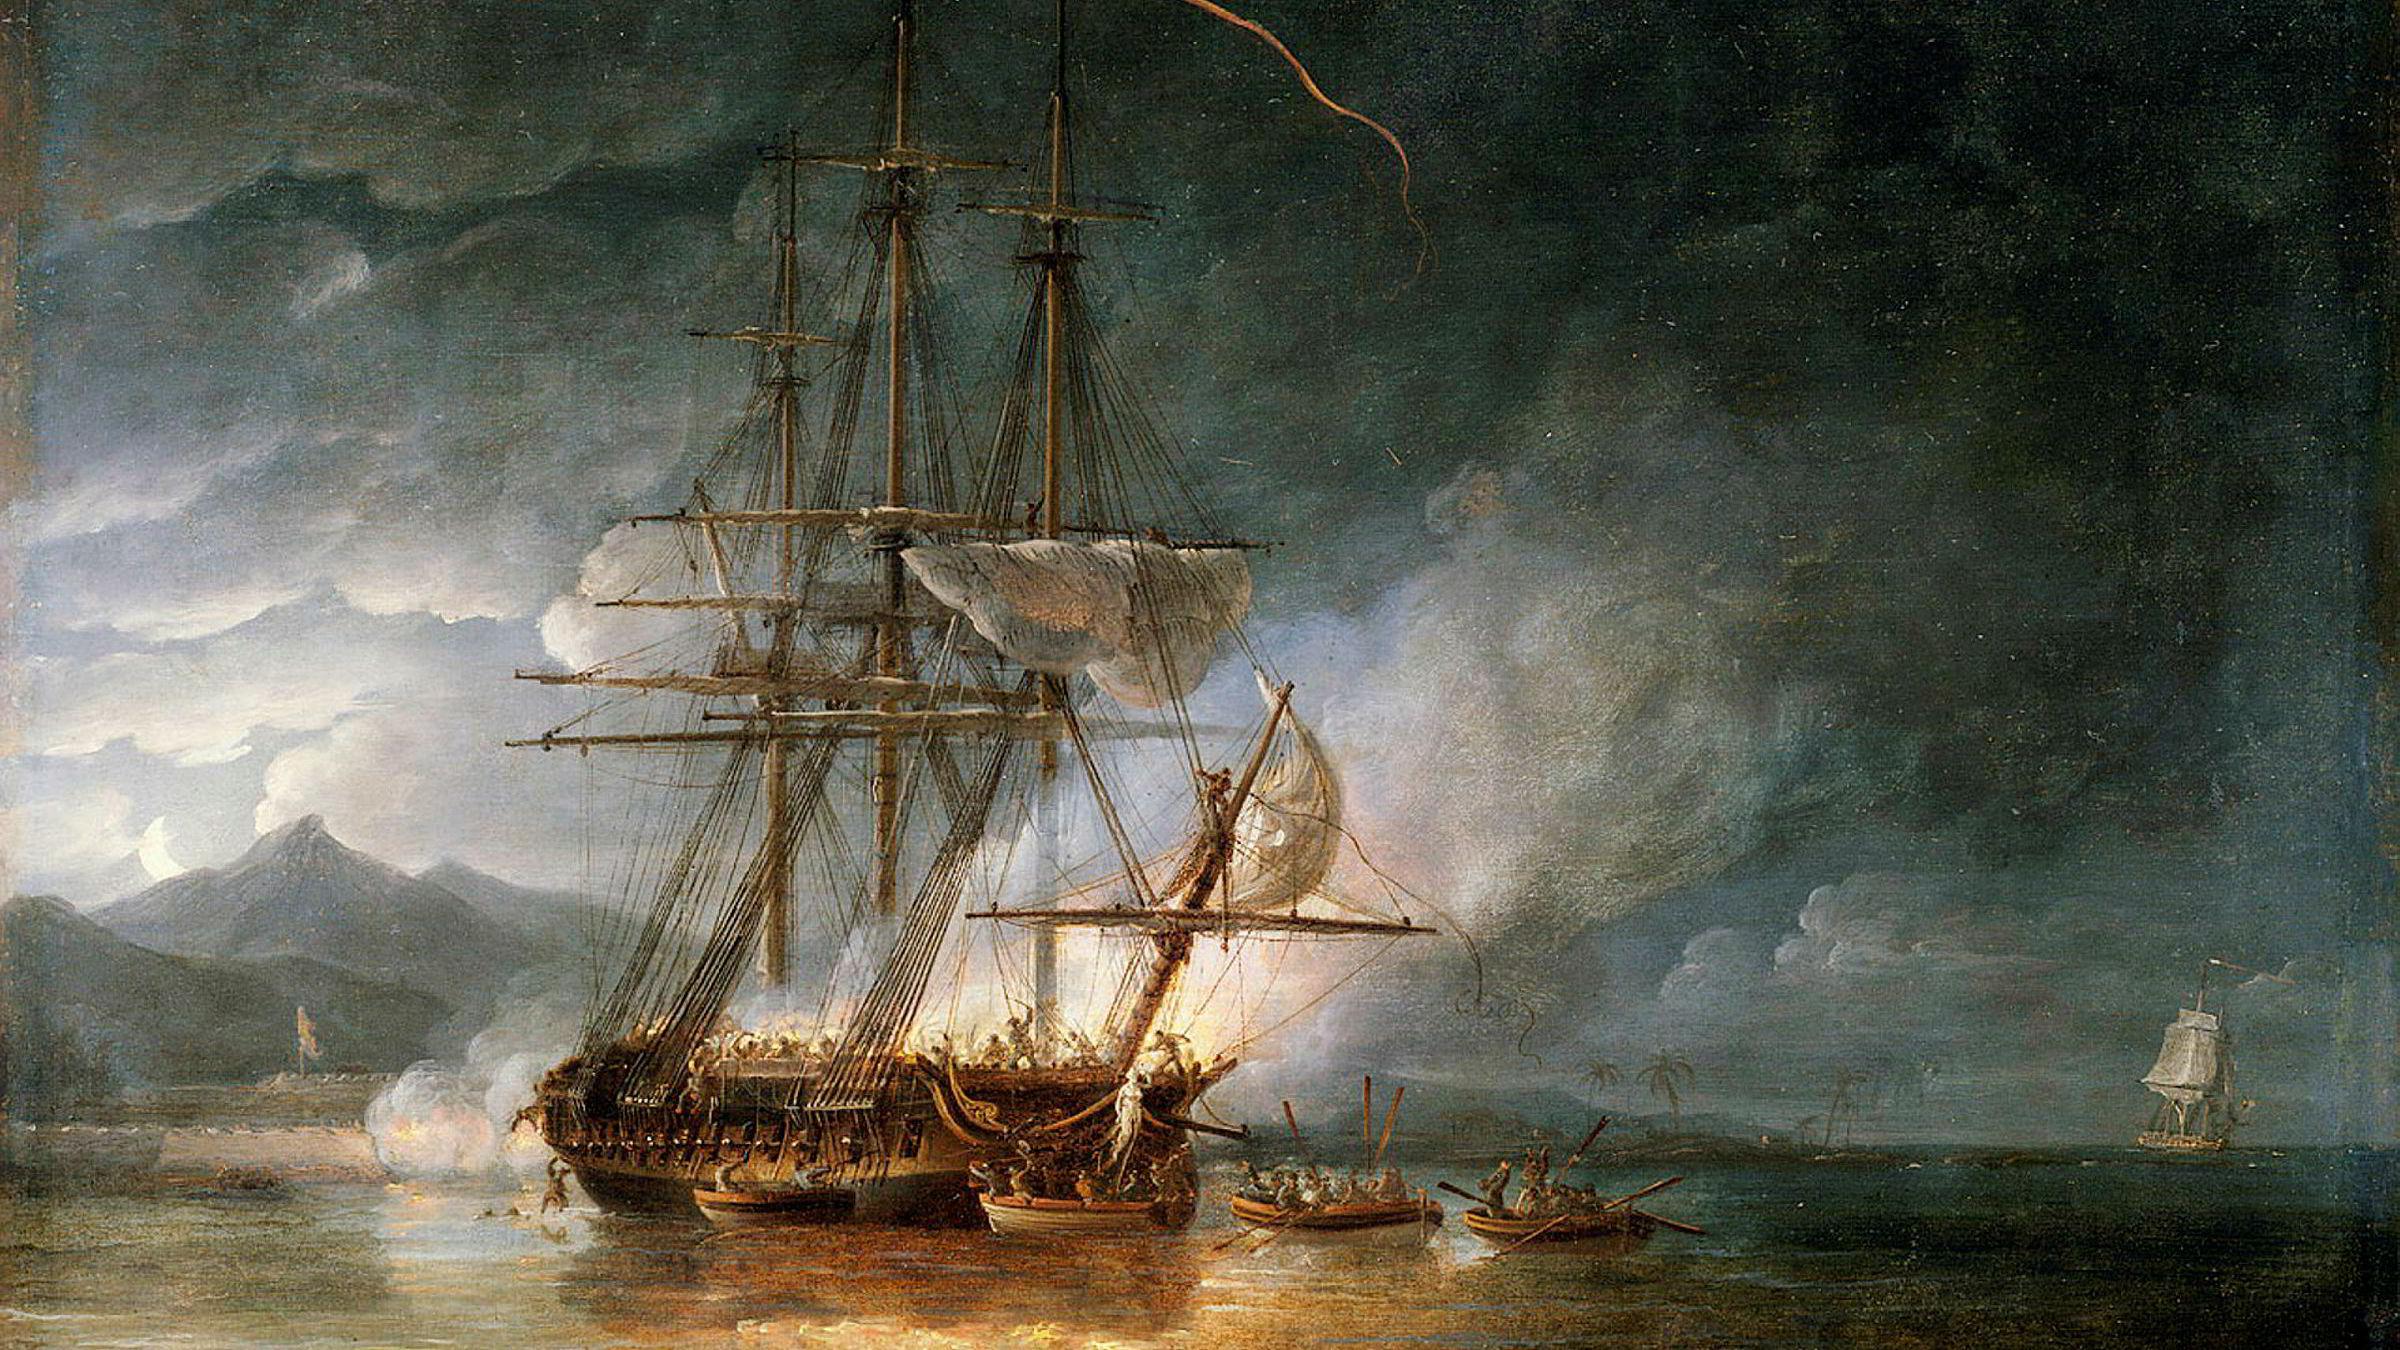 I 1797 skjedde det blodigste kuppet i den britiske marines historie på fregatten «Hermione». Maleriet viser da den britiske marinen tok skipet tilbake i 1799. Mytteriet fikk et politisk etterspill i USA som Donald Trump nå strever med. Maleriet er eid av Royal Museum of Greenwich.